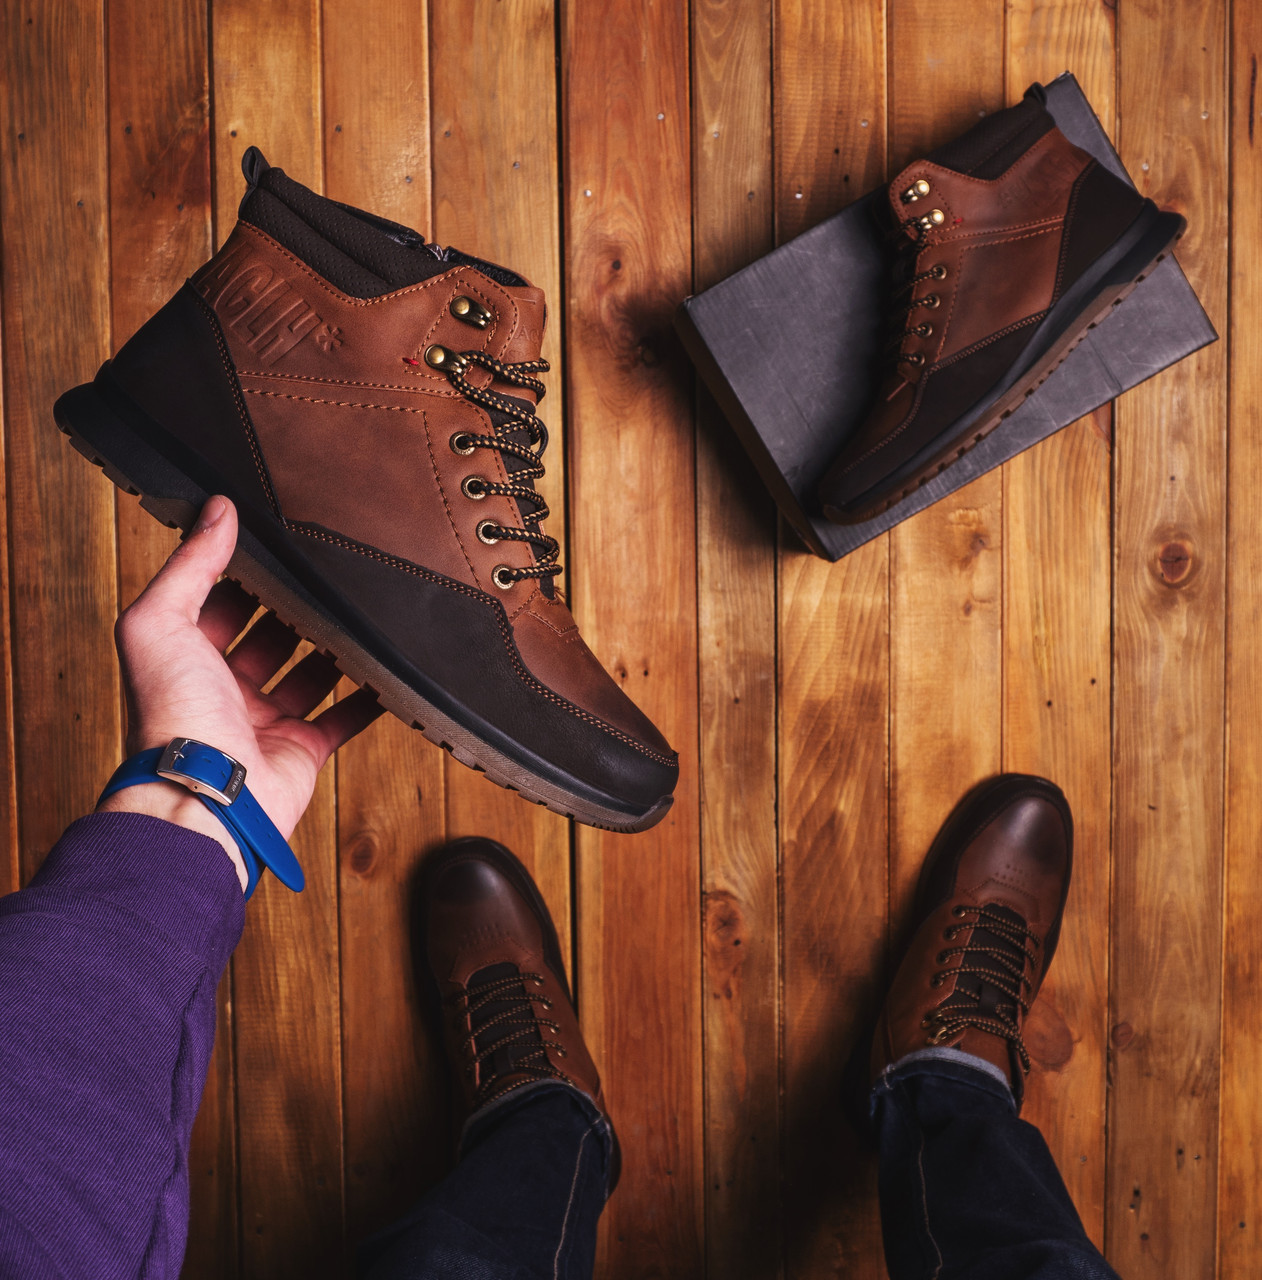 Мужские ботинки Калах высокие спорт (коричневые)